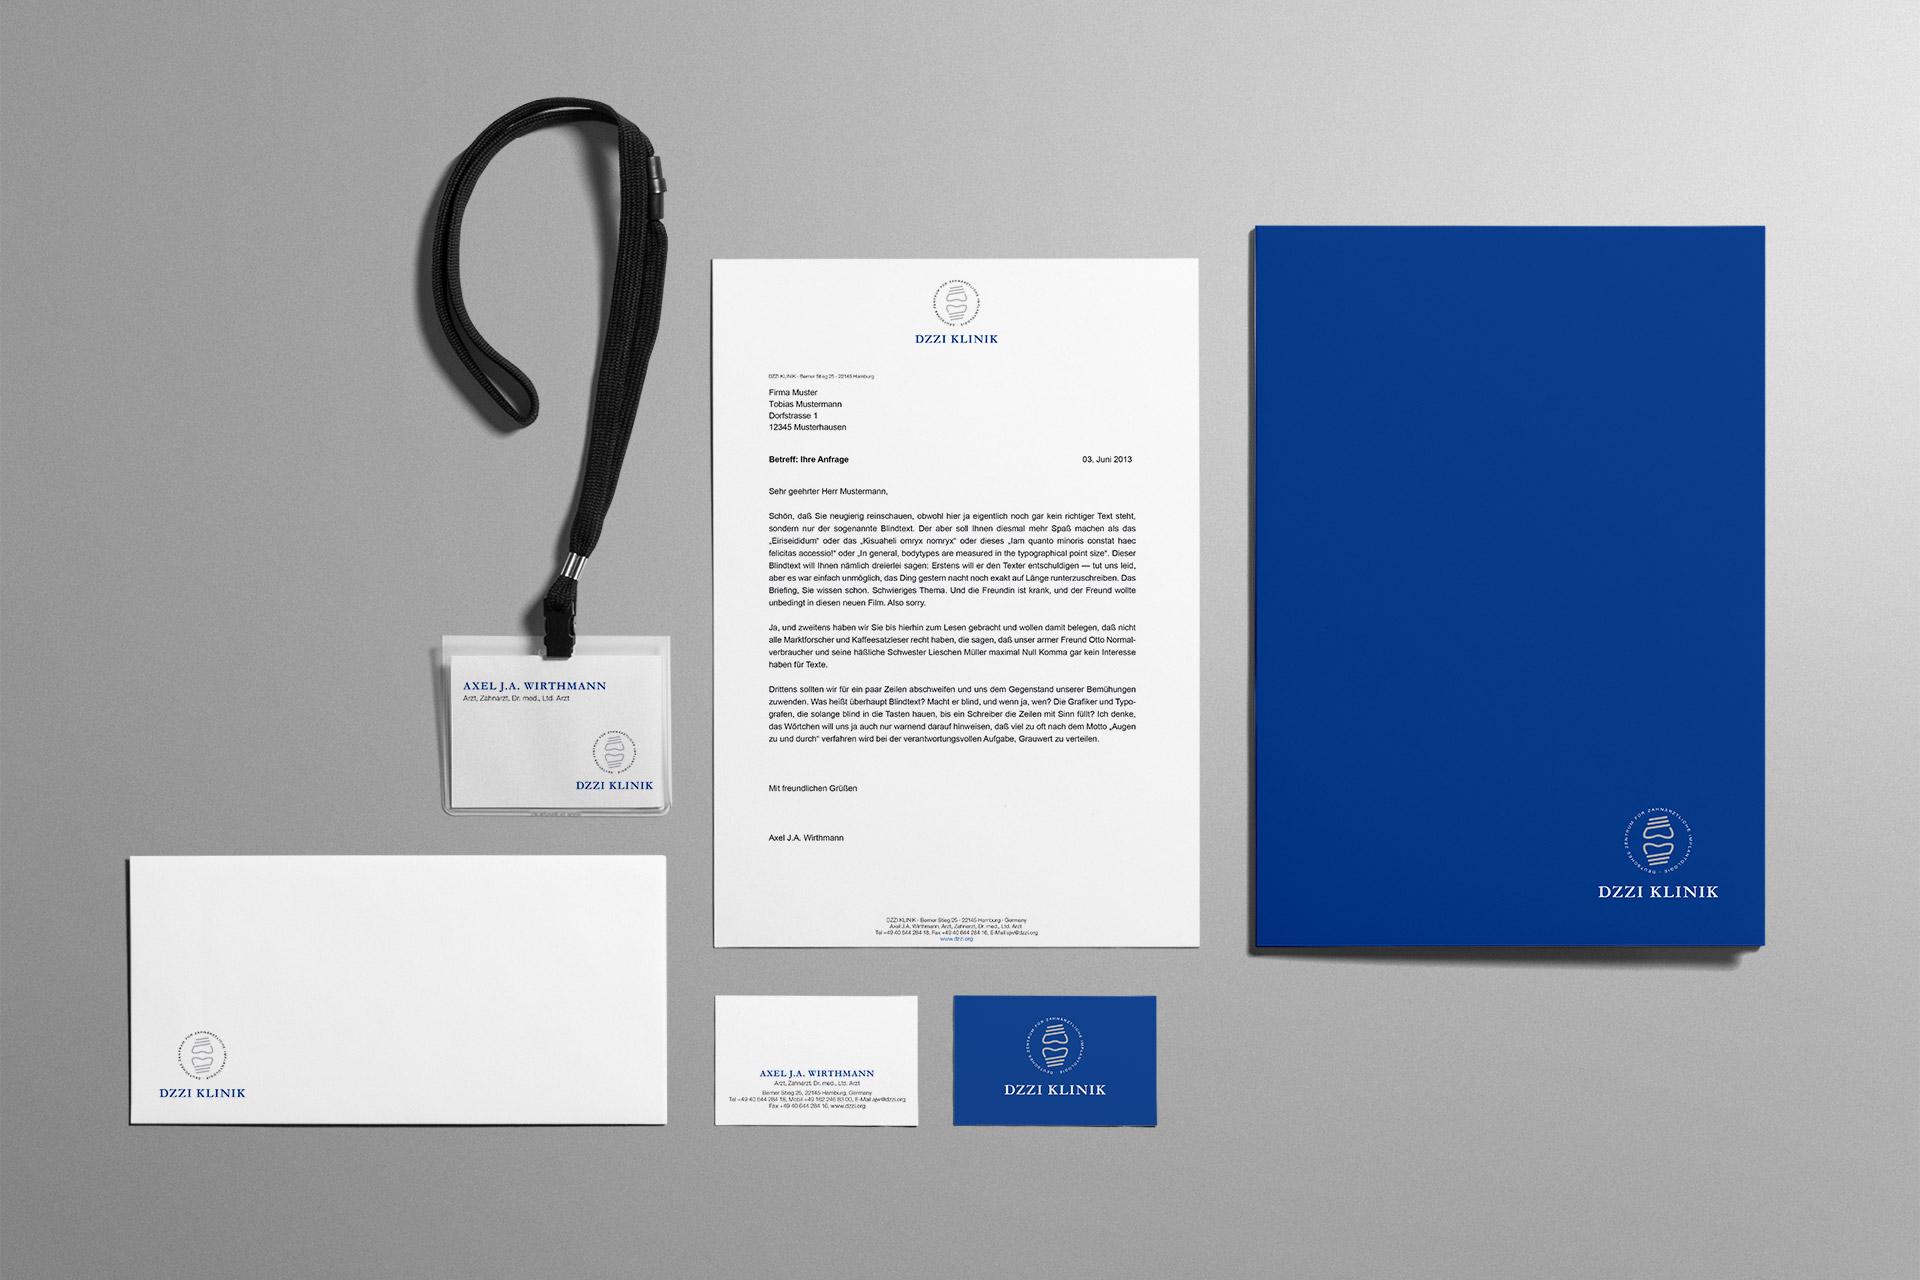 Corporate Design für DZZI Klinik, Beispiel Geschäftsausstattung